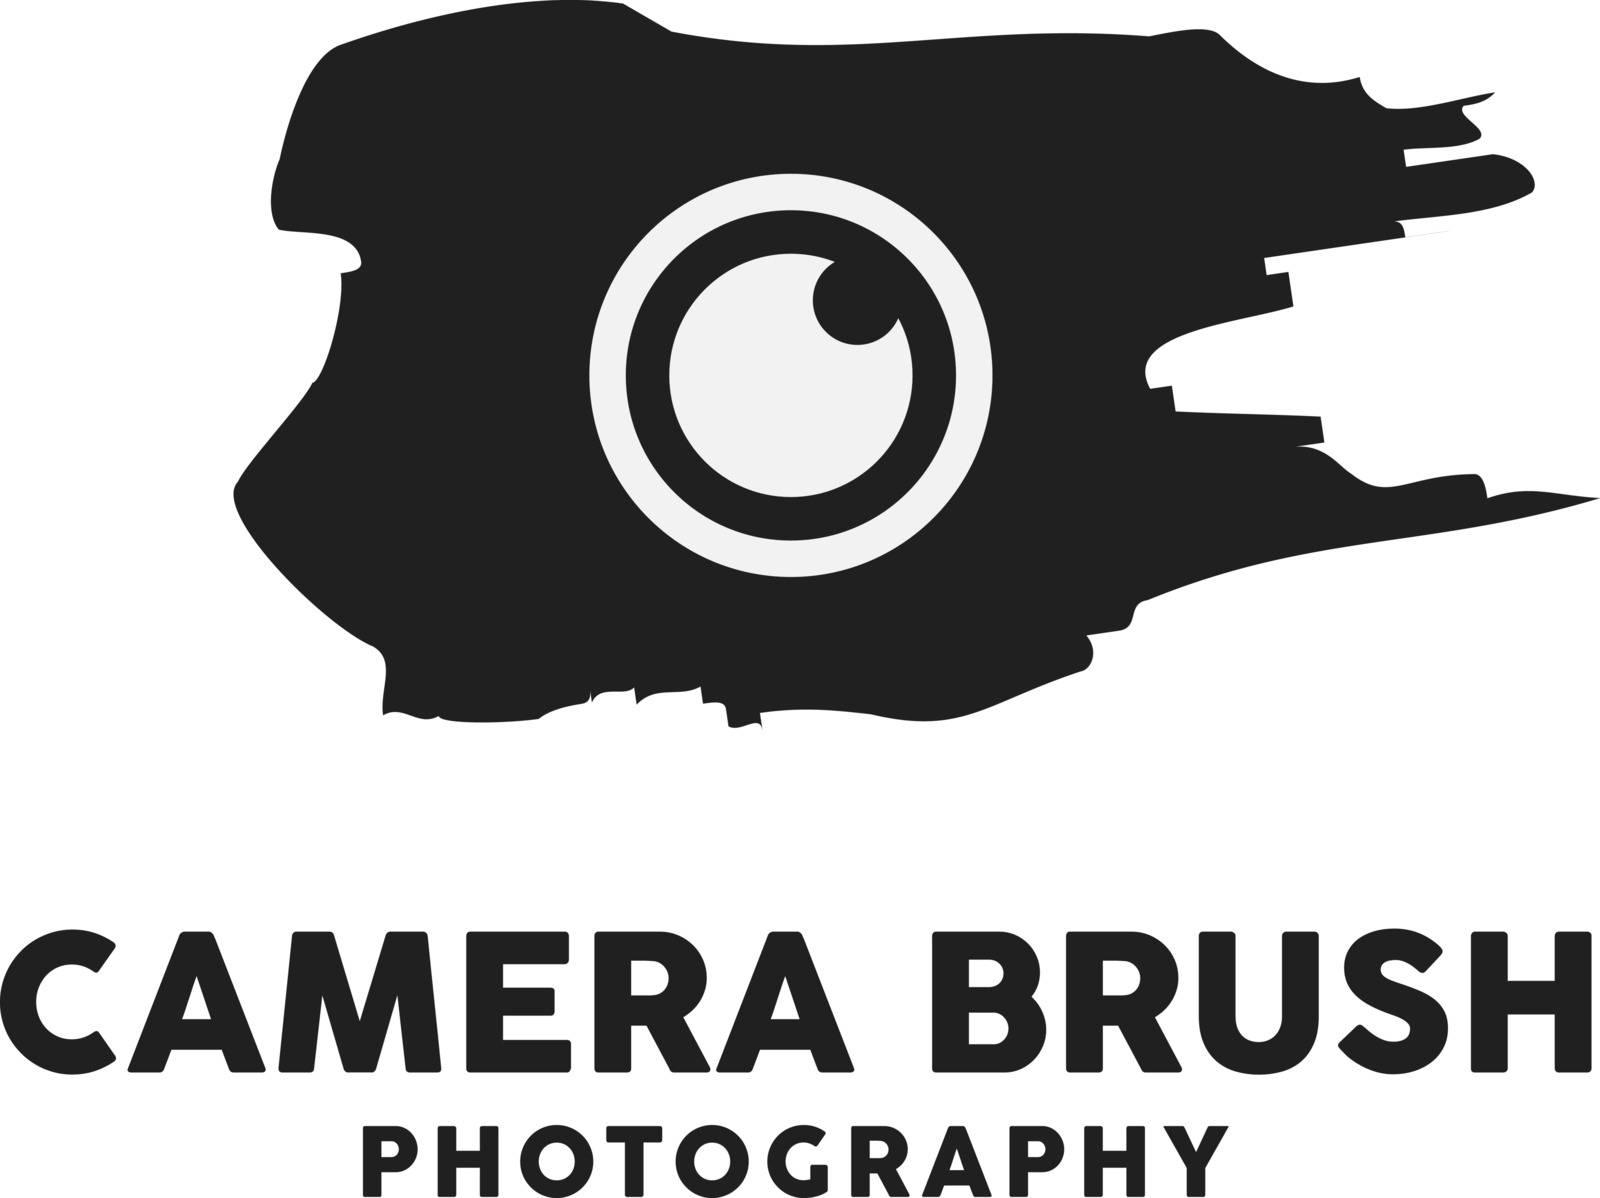 Camera Brush Logo Design Inspiration, Vector illustration